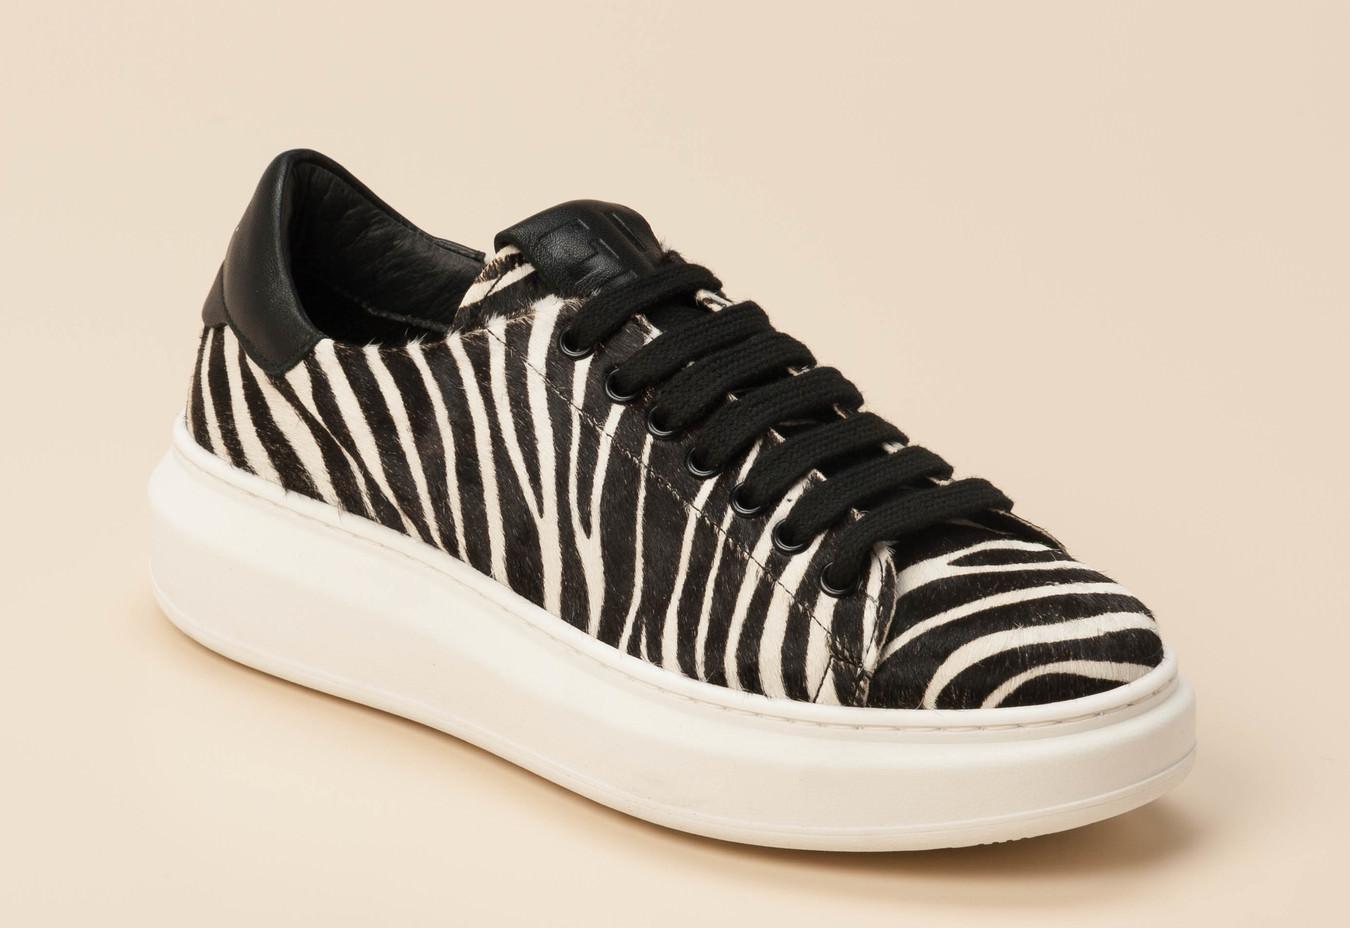 on sale 53550 24187 Gio+ Damen Sneaker in schwarz/weiß kaufen | Zumnorde Online-Shop